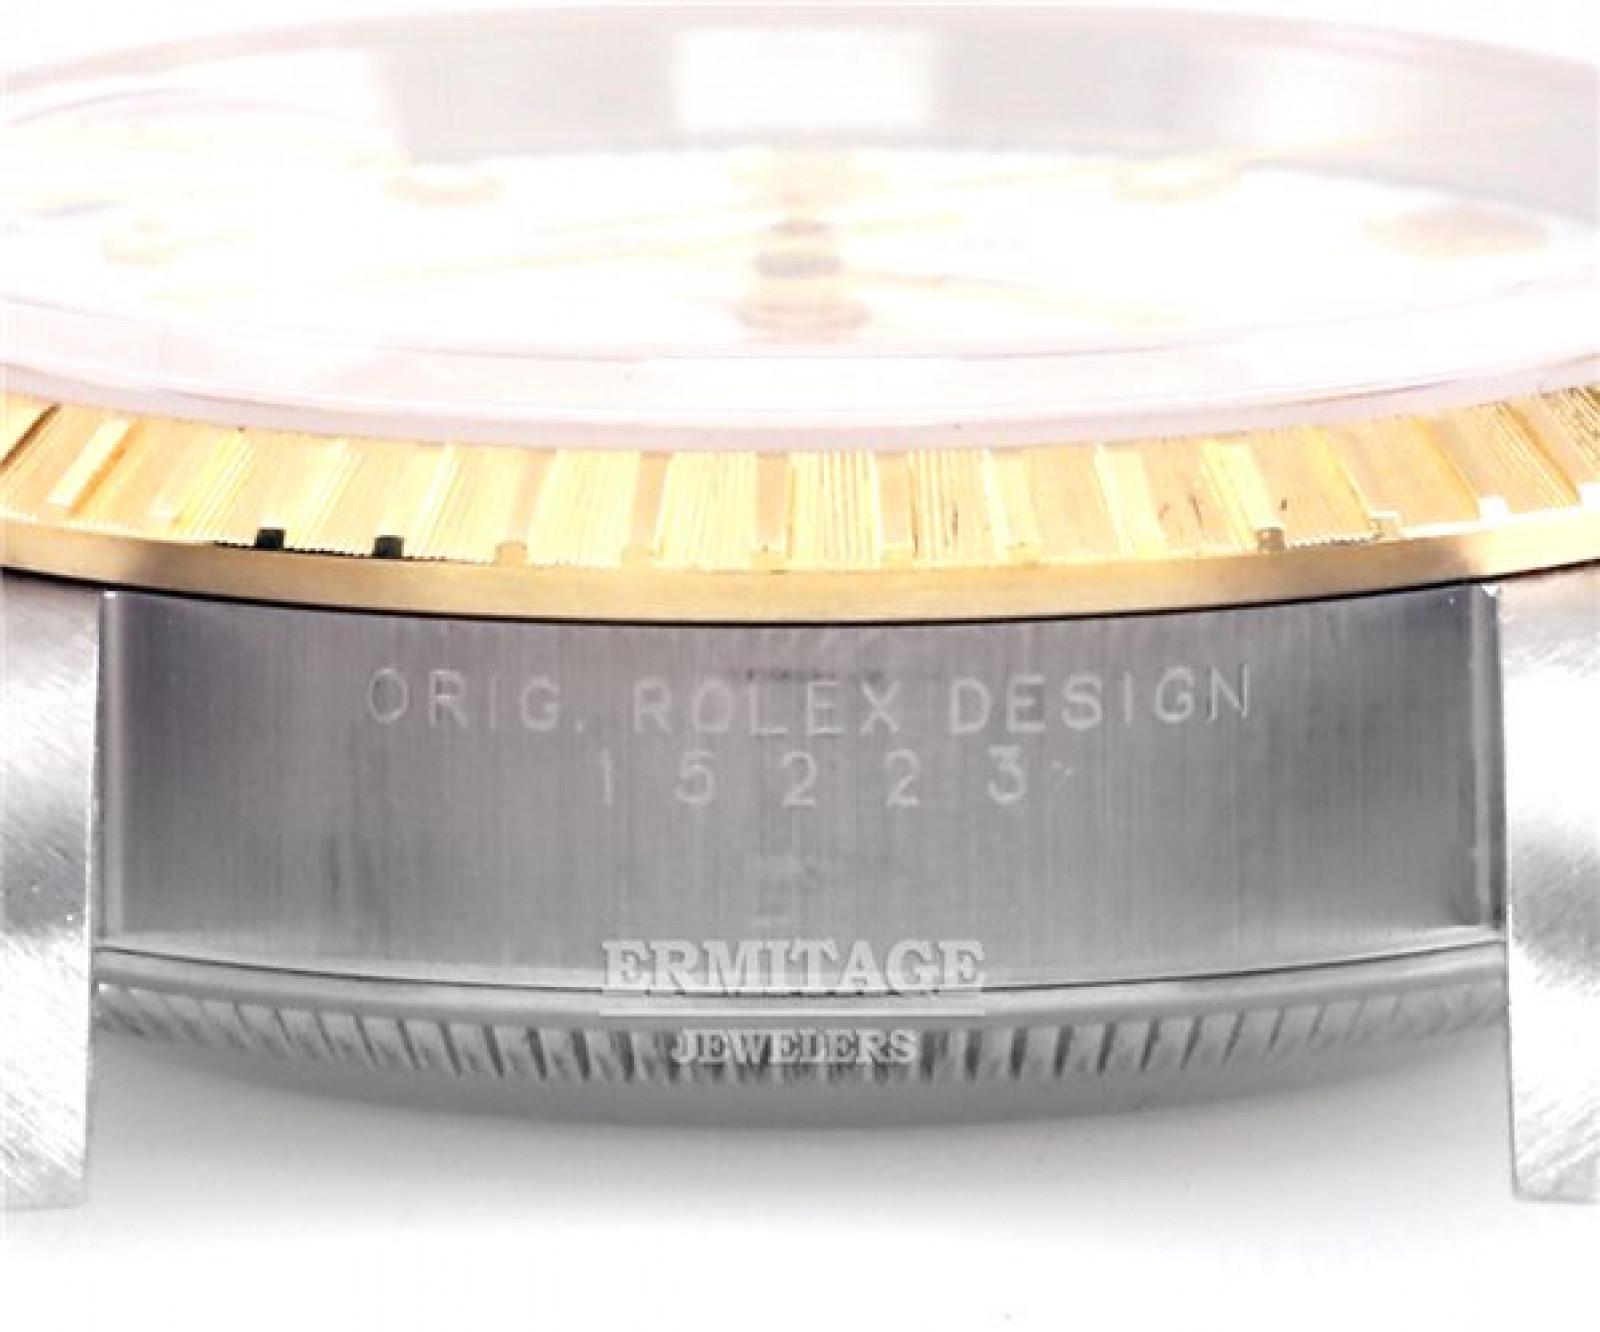 Rolex Date 15223 Gold & Steel